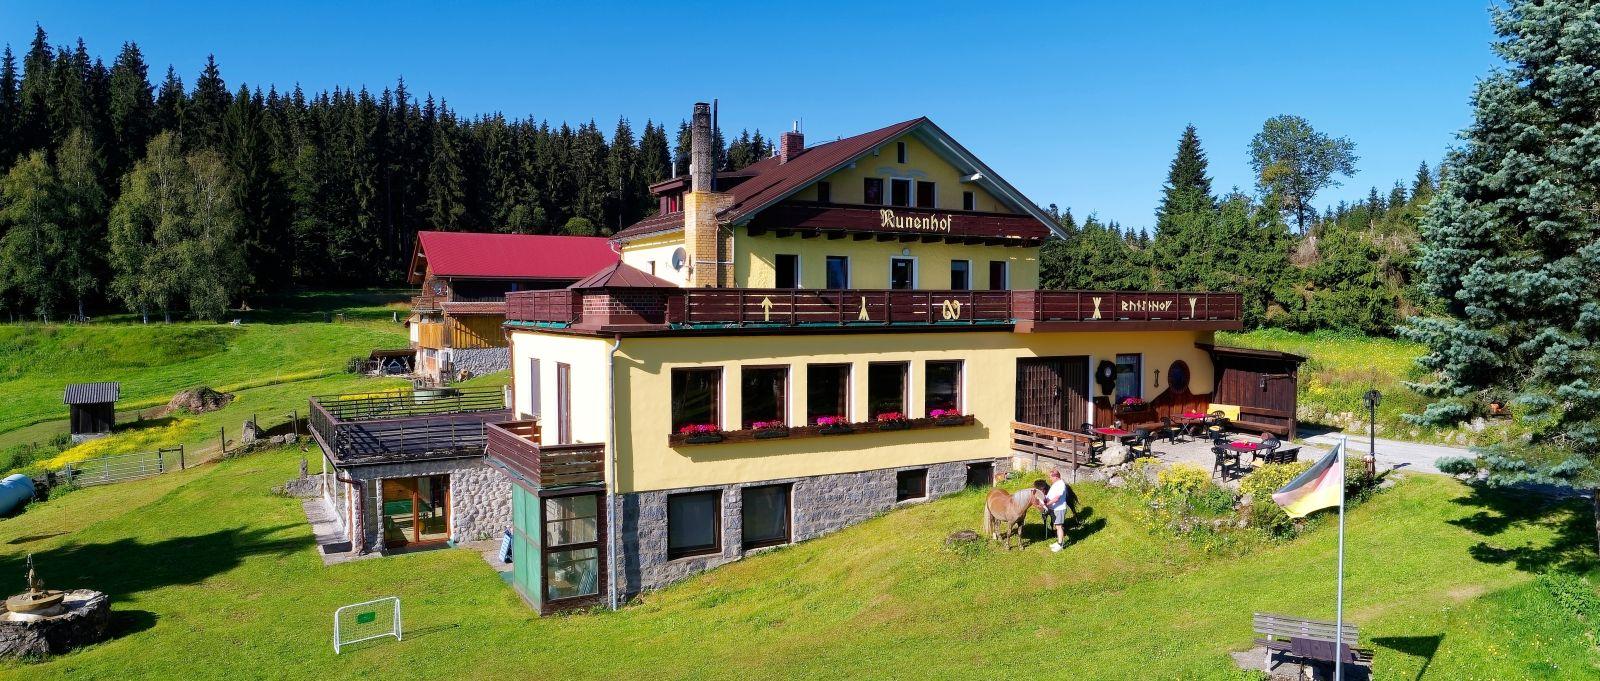 runenhof-bauernhof-halbpension-bayerischer-wald-dreiländereck